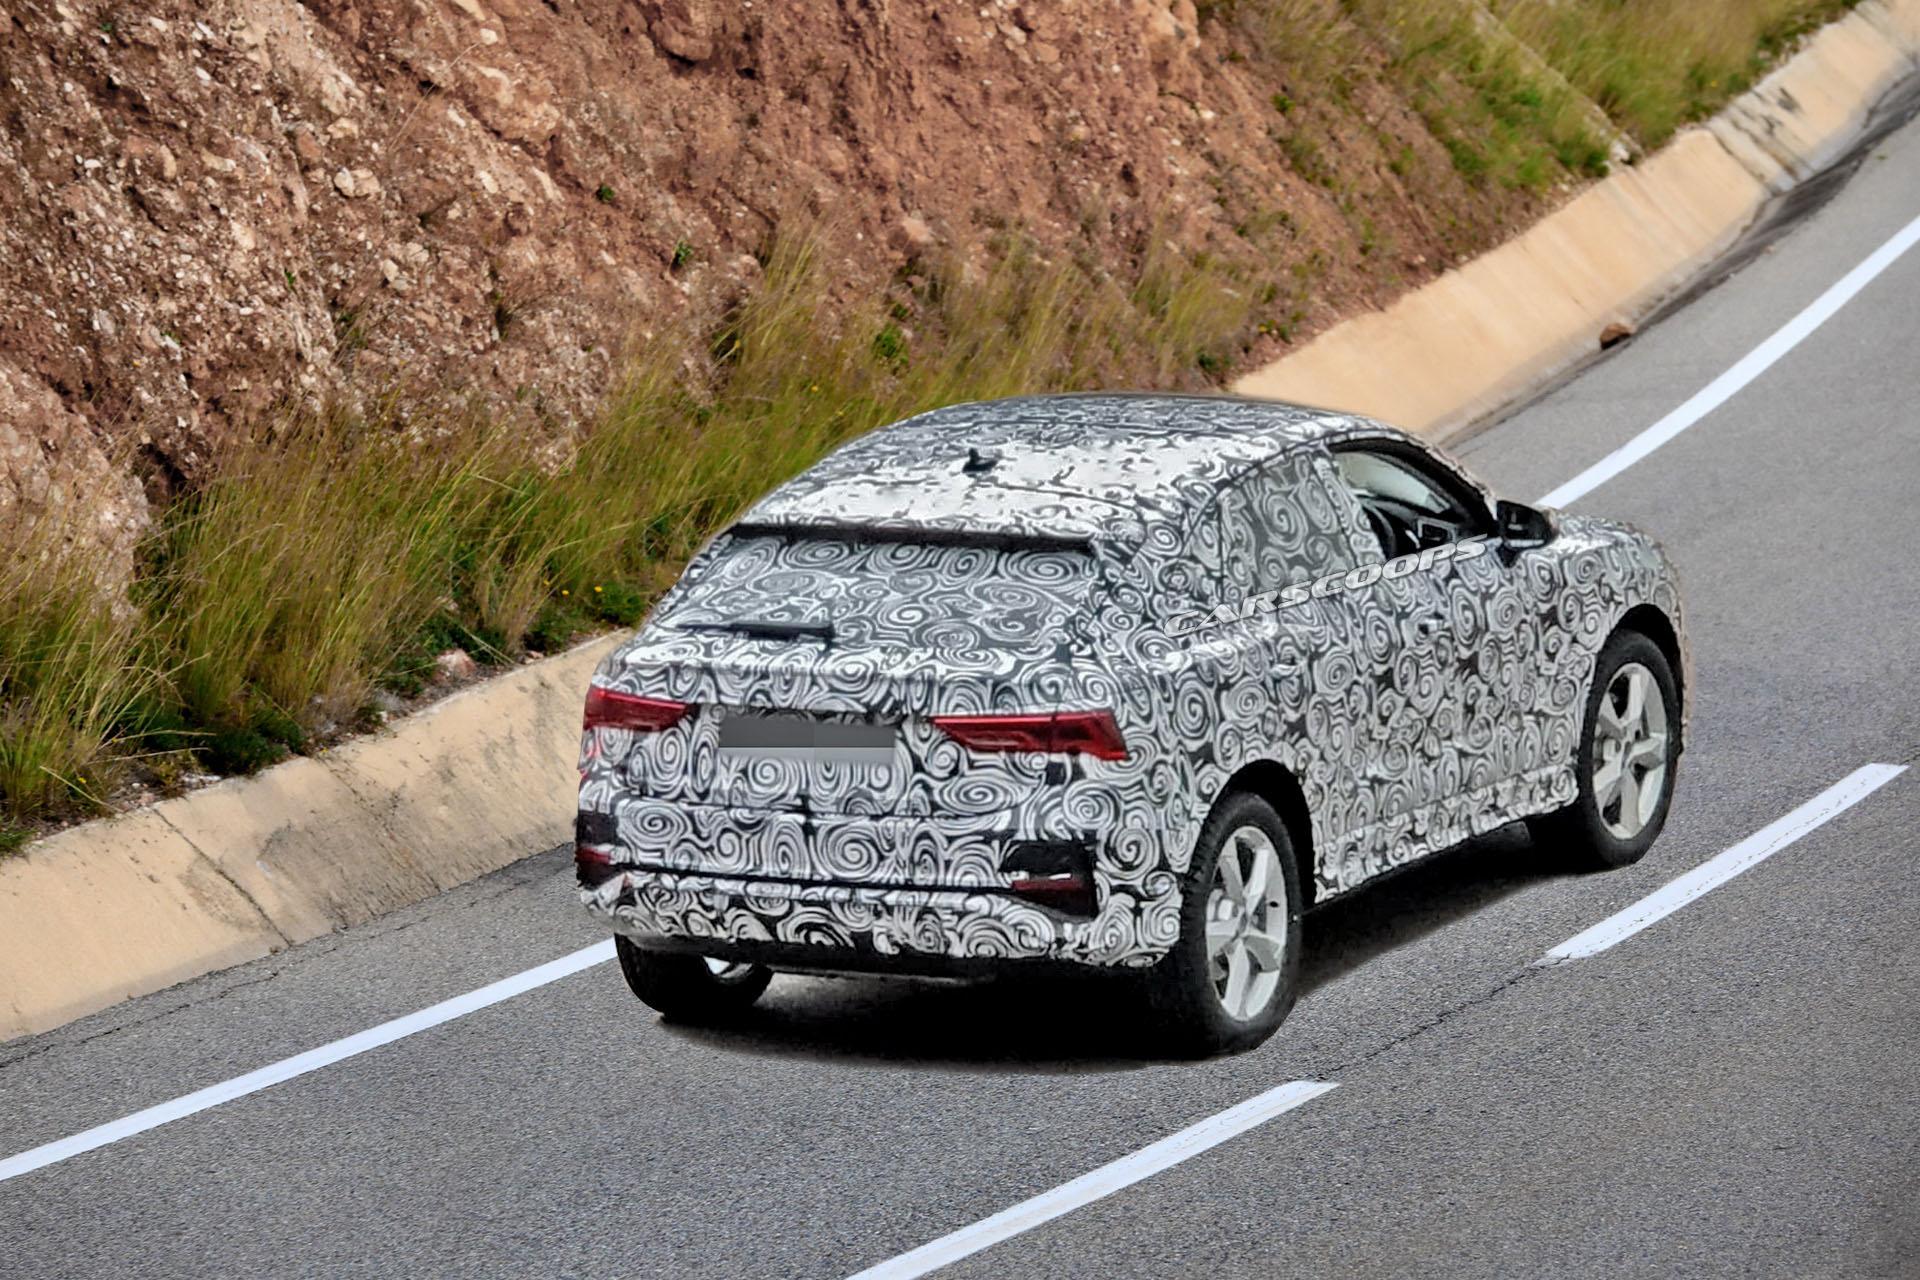 Kelebihan Kekurangan Audi Q4 2018 Top Model Tahun Ini